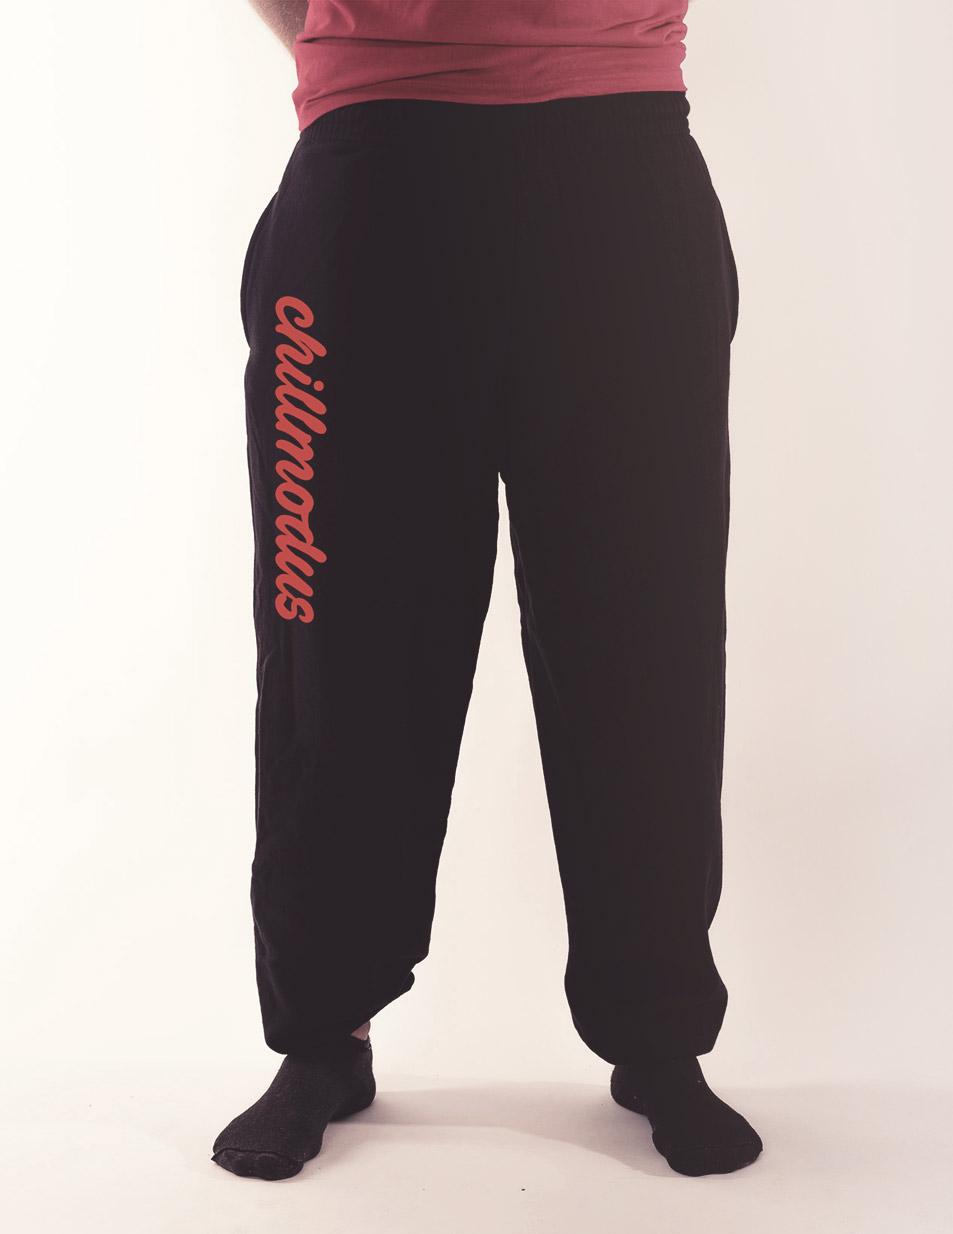 Herren-Jogginghose Chillmodus rot auf schwarz